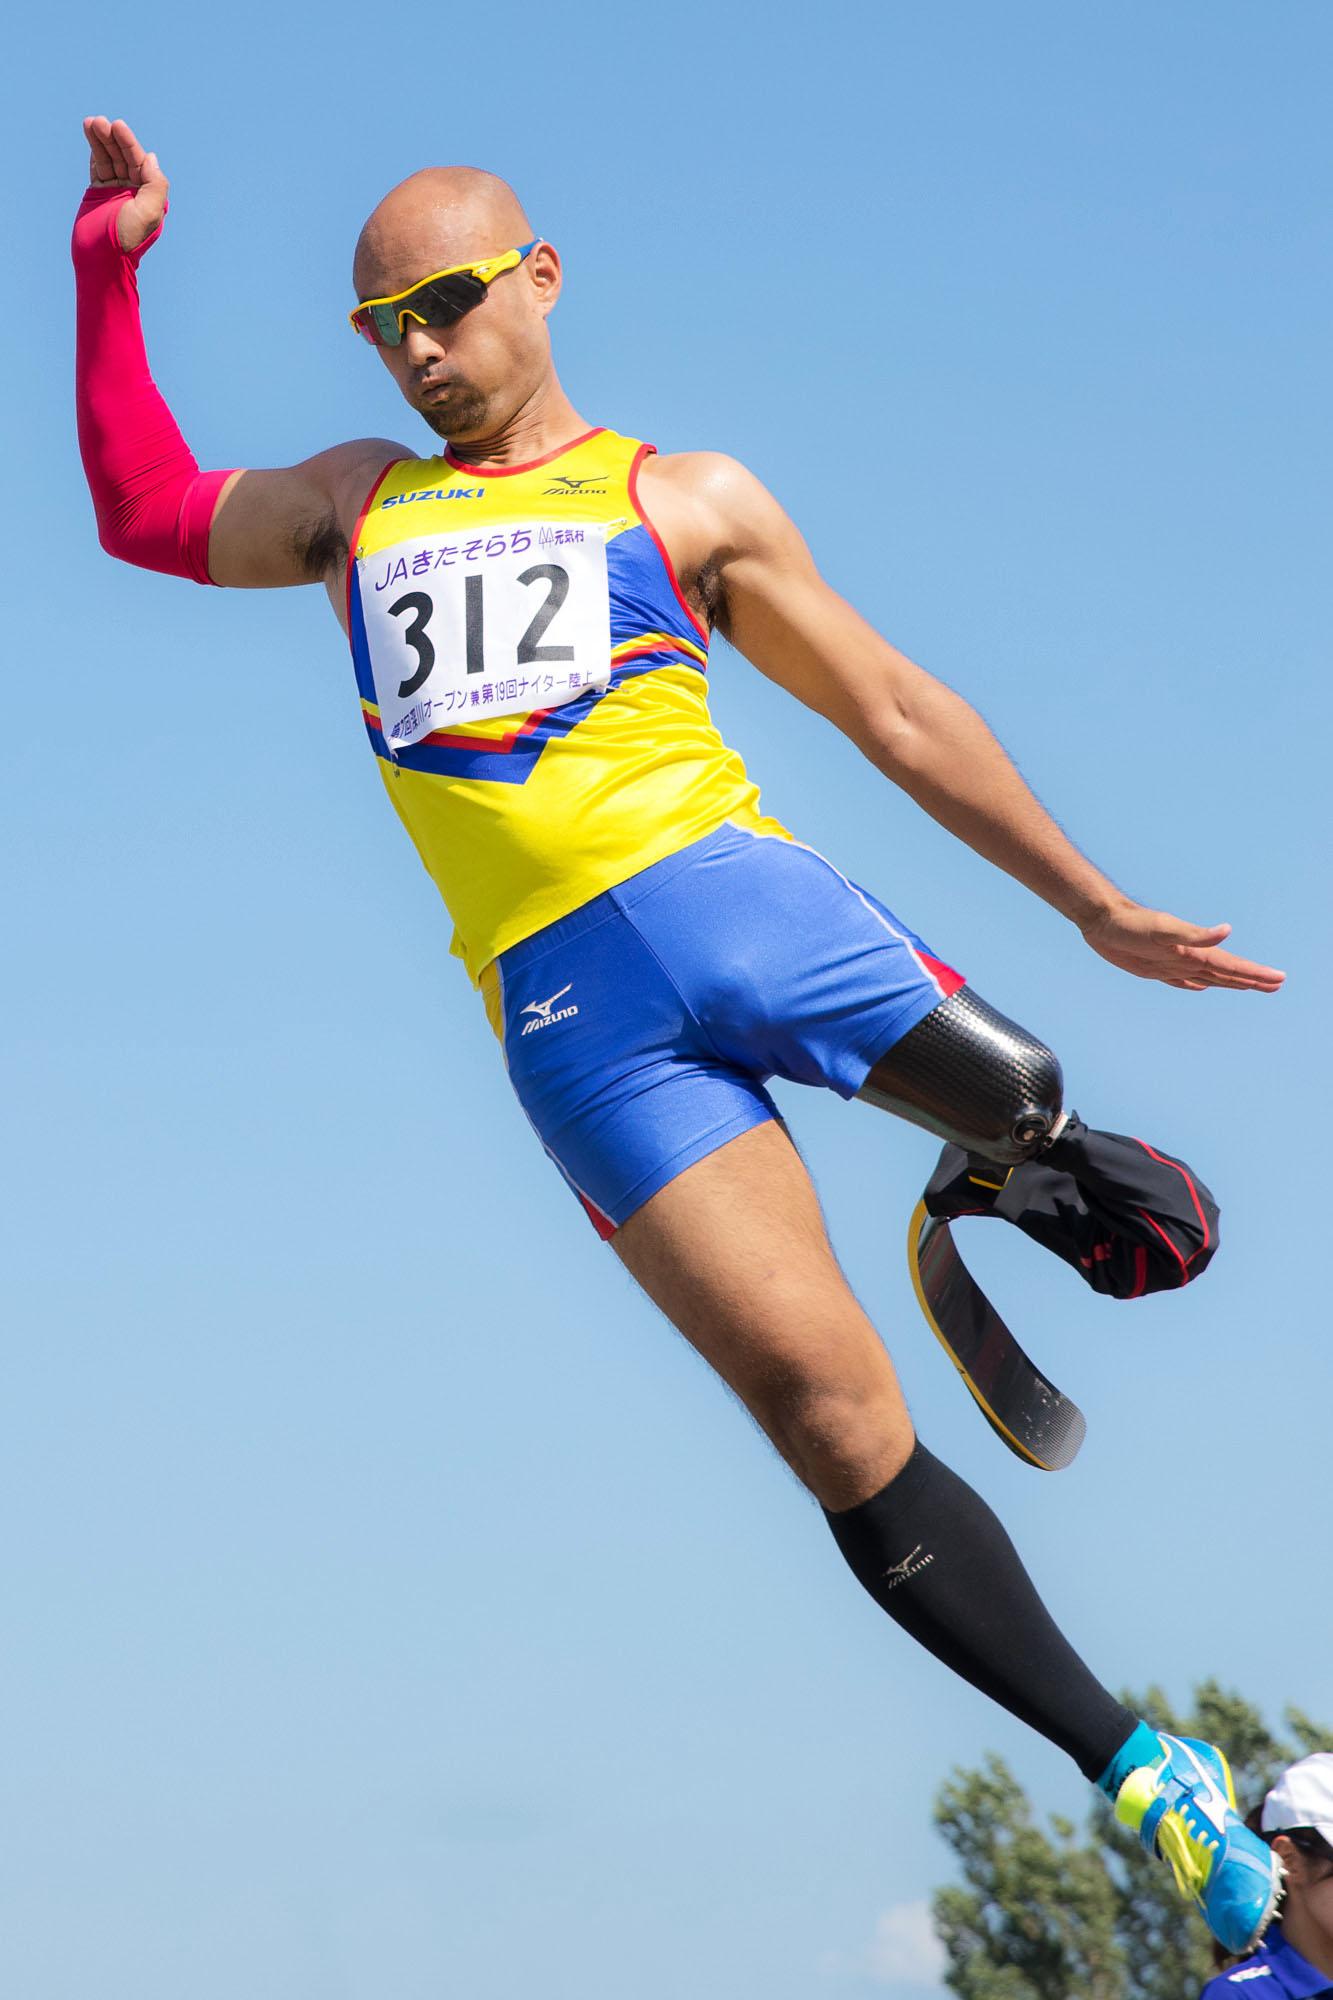 8月のリオパラリンピック代表合宿中に参加した地元の大会で、非公認ながら自身の持つ日本記録を3cm更新する6m65cmの跳躍で調子の良さをアピールした(撮影:越智貴雄)